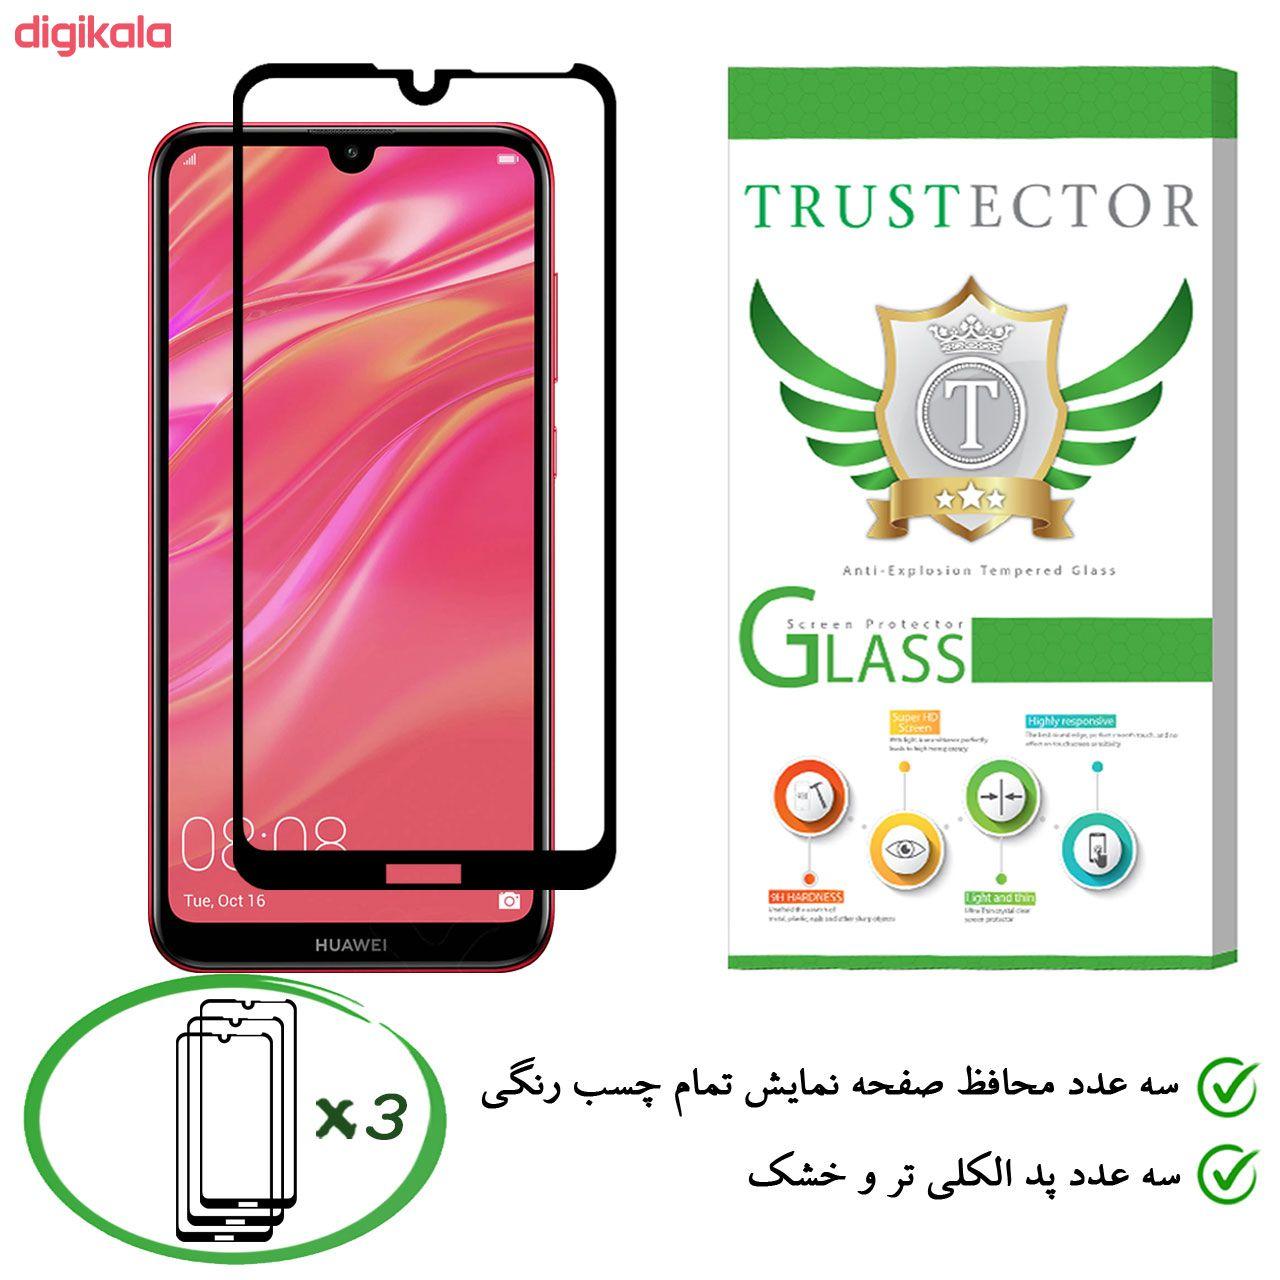 محافظ صفحه نمایش تراستکتور مدل GSS مناسب برای گوشی موبایل هوآوی Y7 Prime 2019 بسته 3 عددی main 1 3